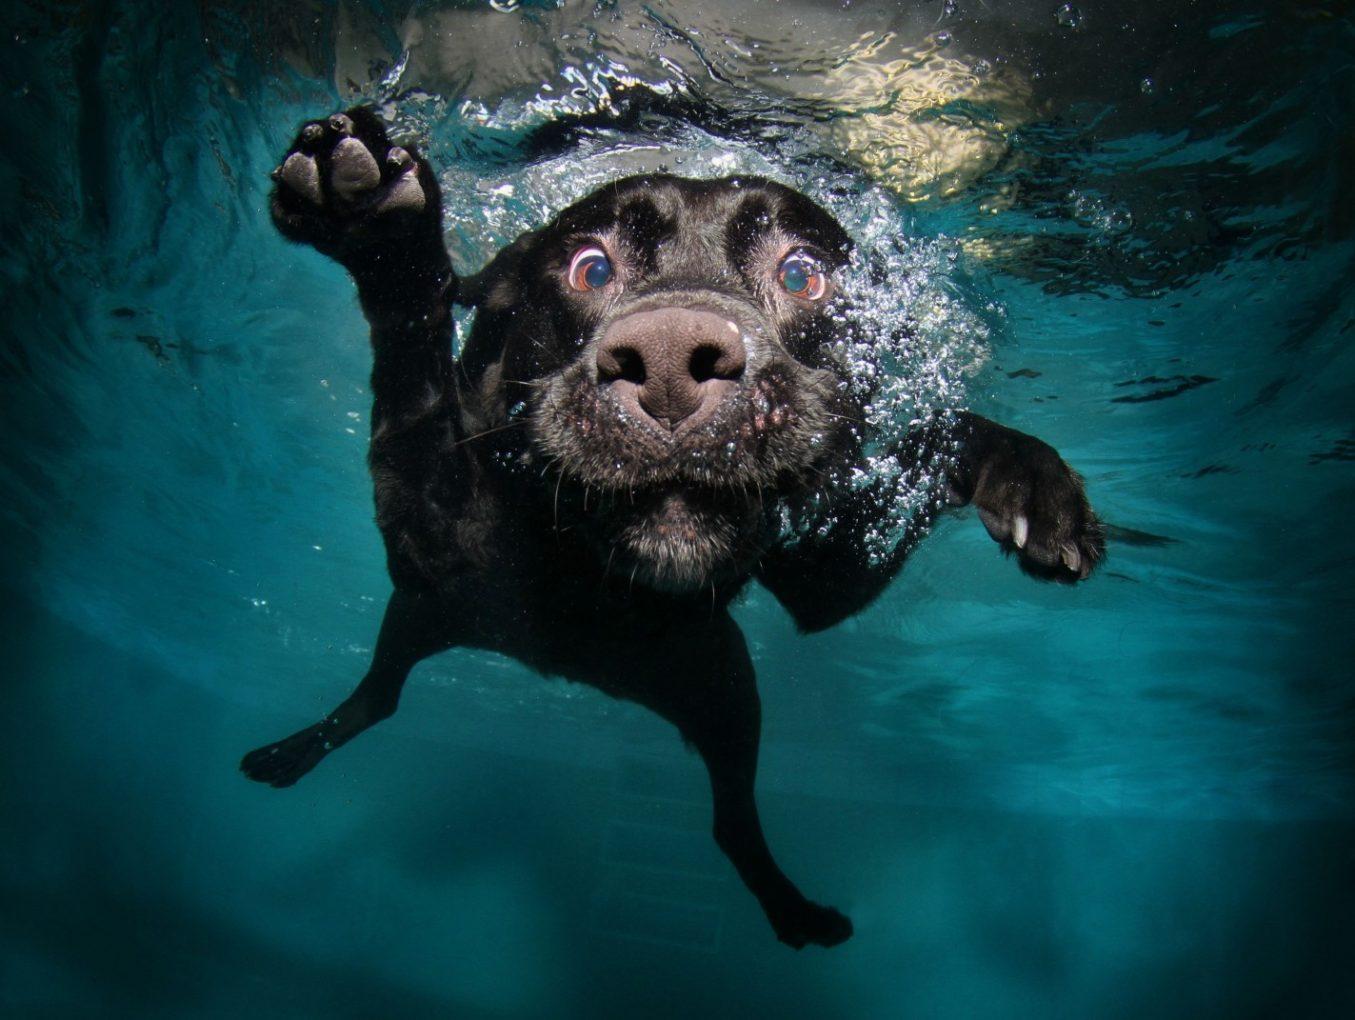 Il Cane e L'Acqua, il corretto approccio